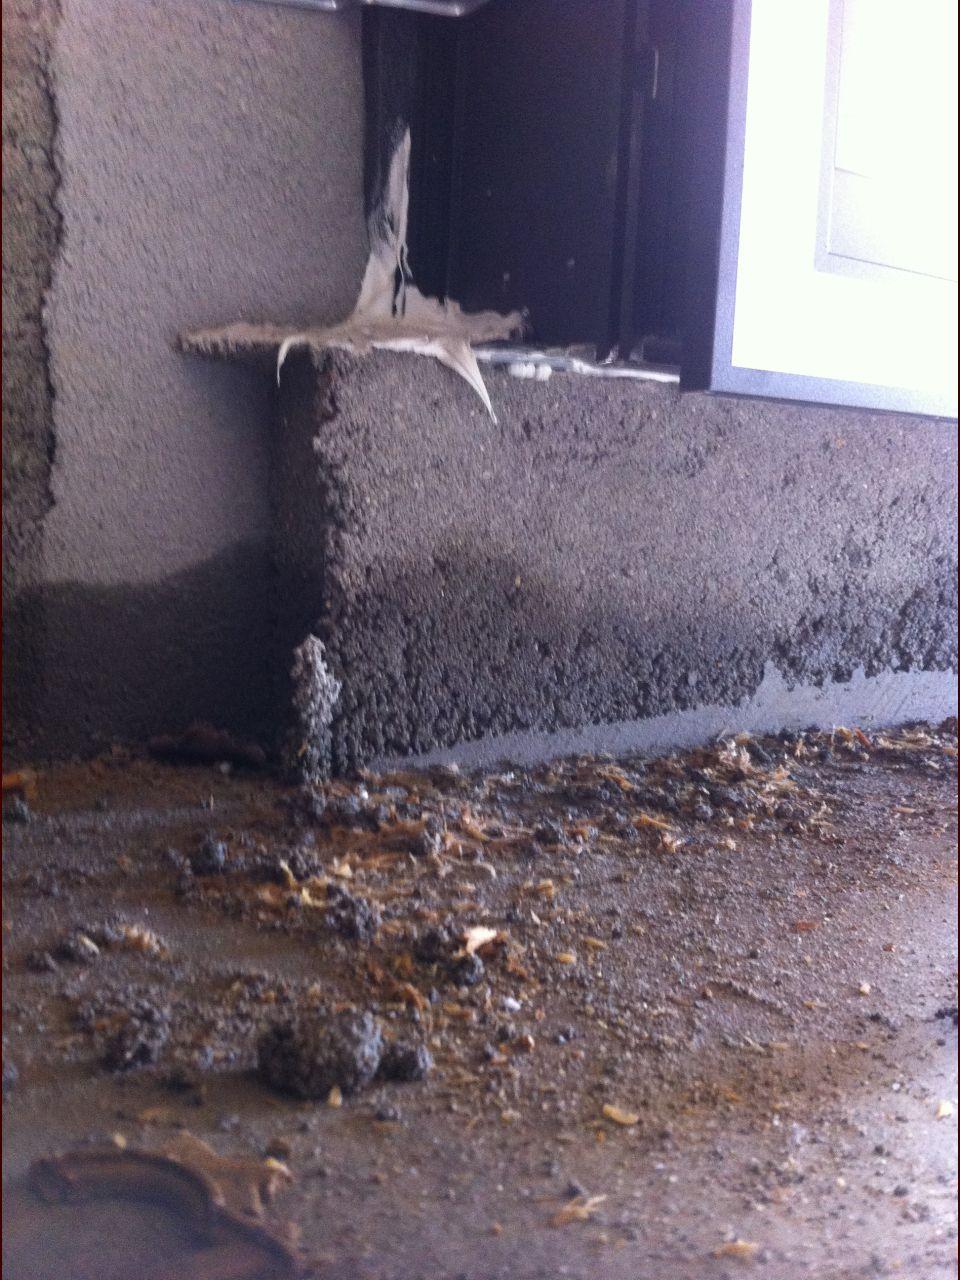 Infiltration d'eau qui semble venir du sol car l'humidité ne touche pas les rebords des menuiseries